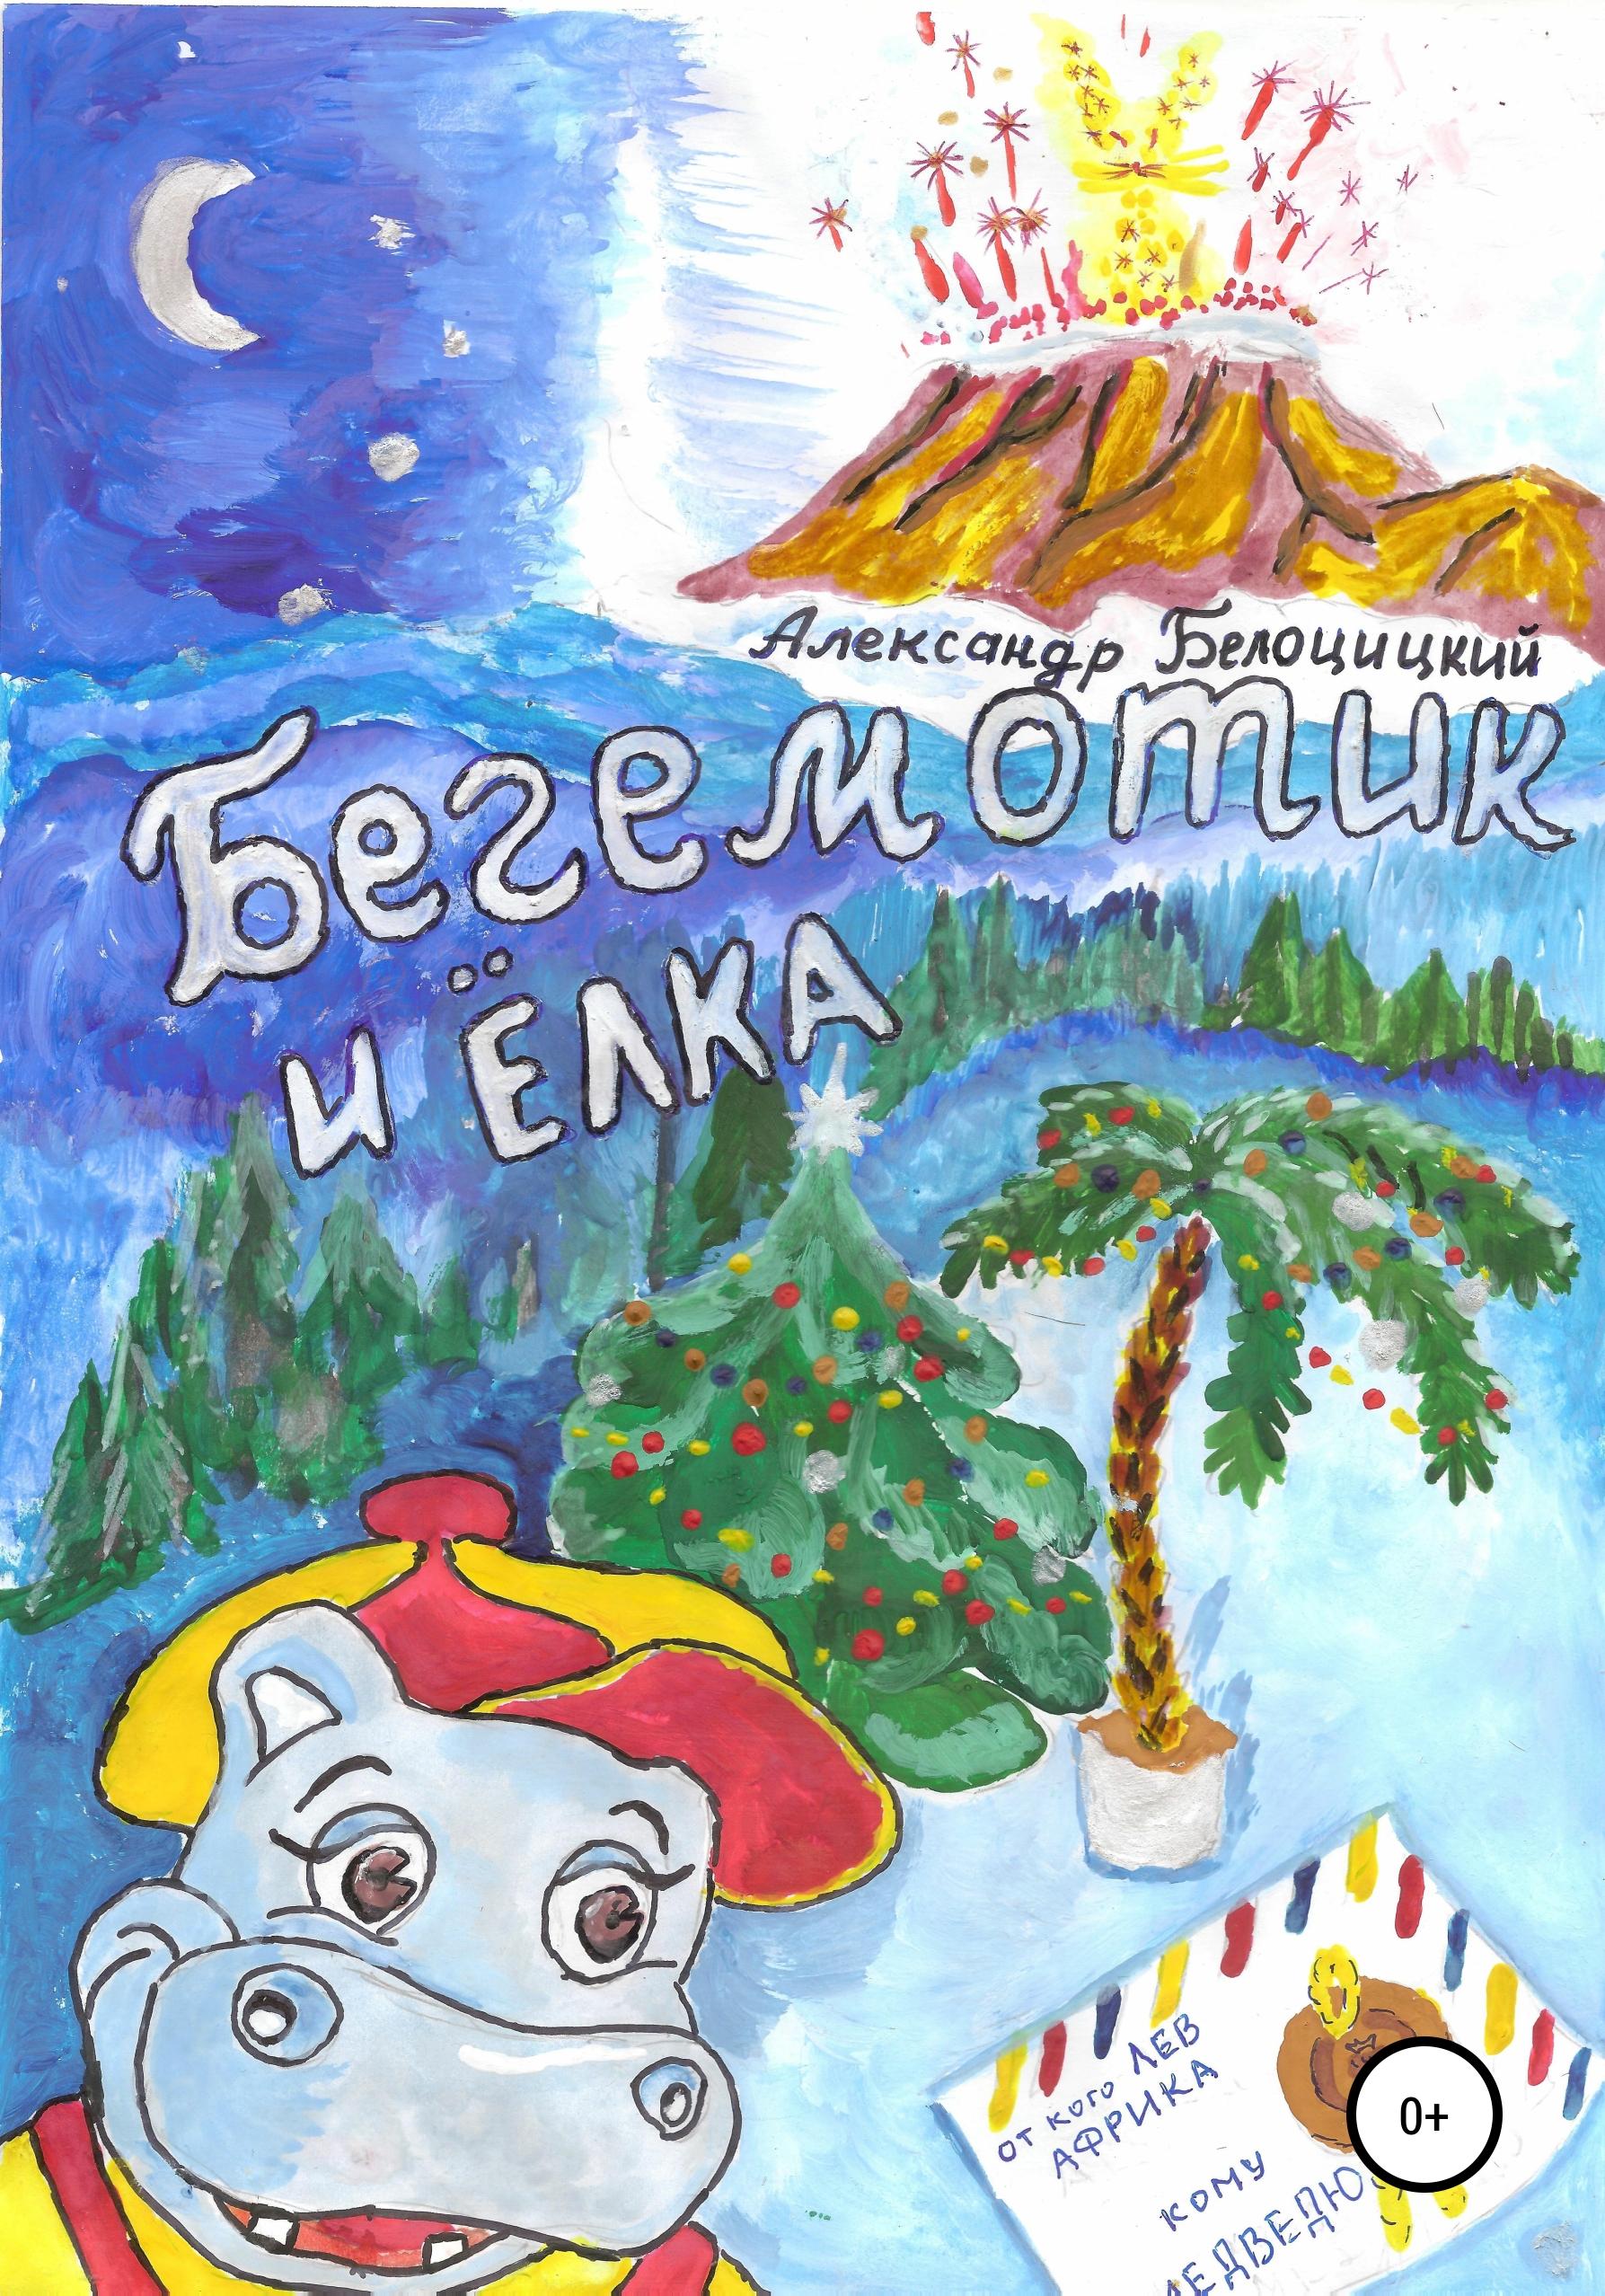 Купить книгу Бегемотик и ёлка, автора Александра Николаевича Белоцицкого